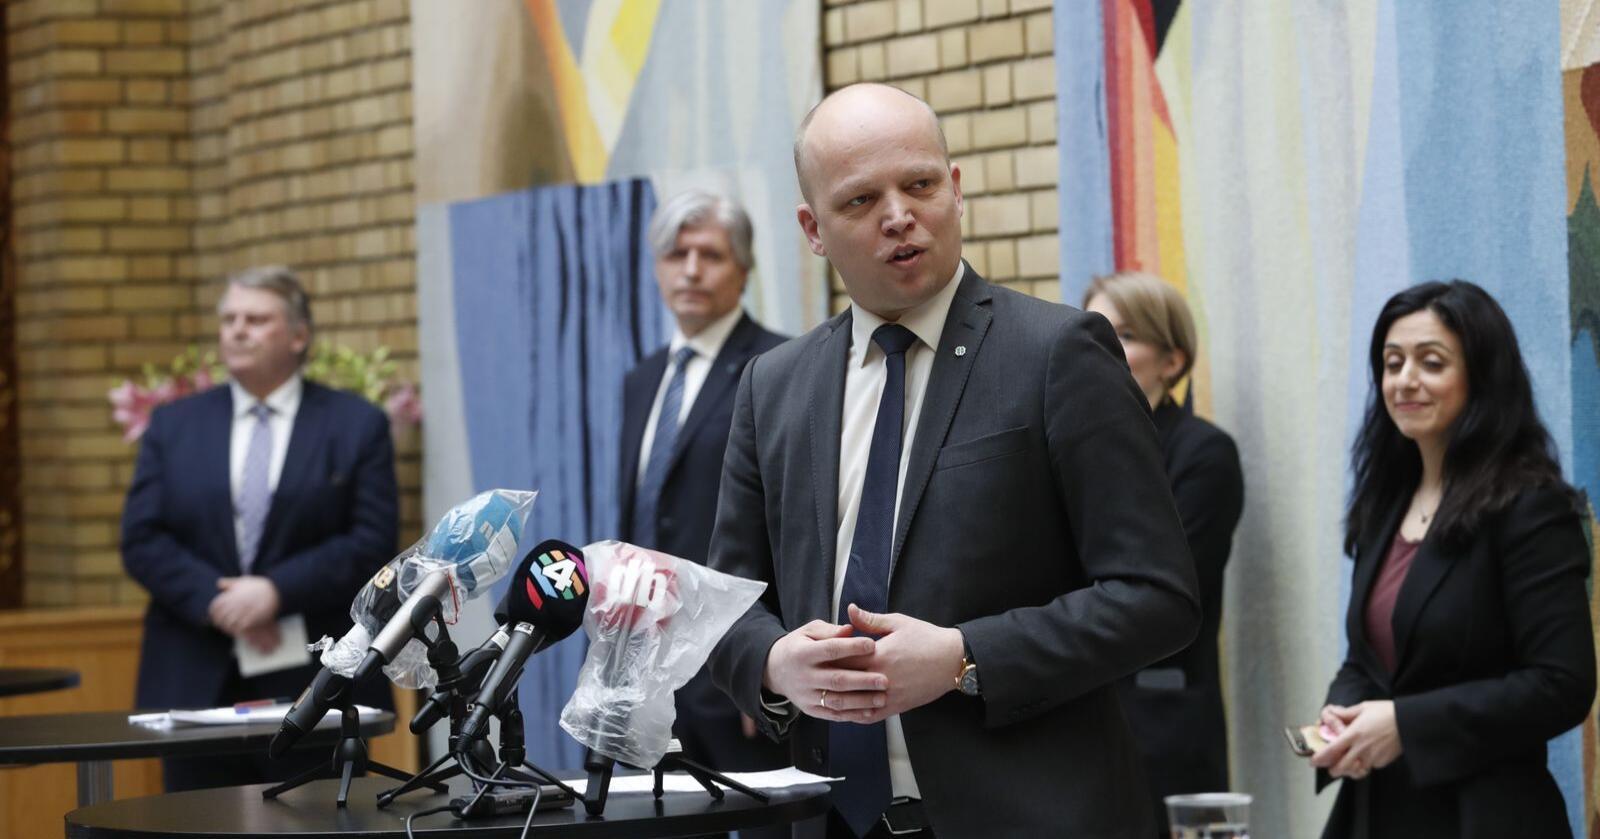 Senterpartiets leder Trygve Slagsvold Vedum varsler kamp for at momskuttet til utsatte bransjer og bedrifter skal få tilbakevirkende kraft. Foto: Terje Bendiksby / NTB scanpix